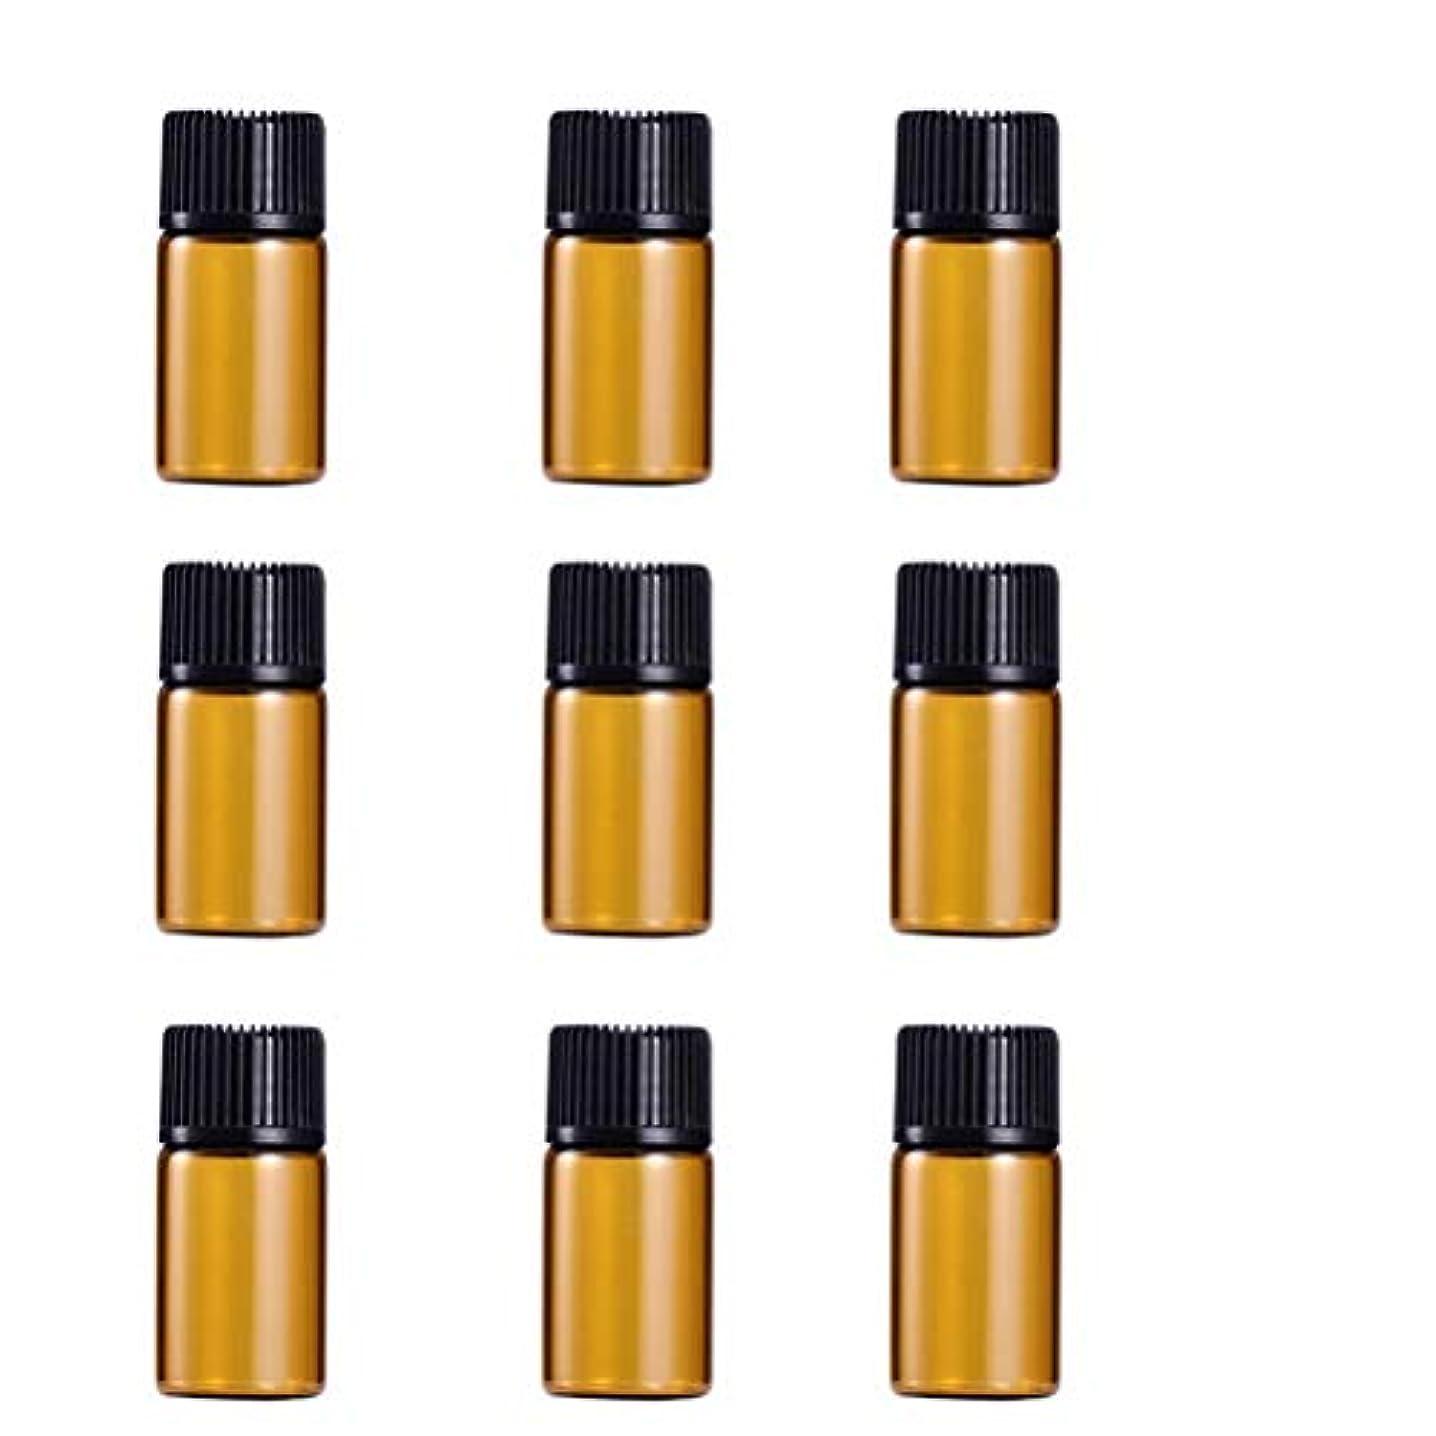 酸度取り消す夕食を食べるWINOMO 遮光瓶 アロマオイル 精油 小分け用 遮光瓶セット アロマボトル 保存容器 エッセンシャルオイル 香水 保存用 詰替え ガラス 茶色(9個入り 3ml)